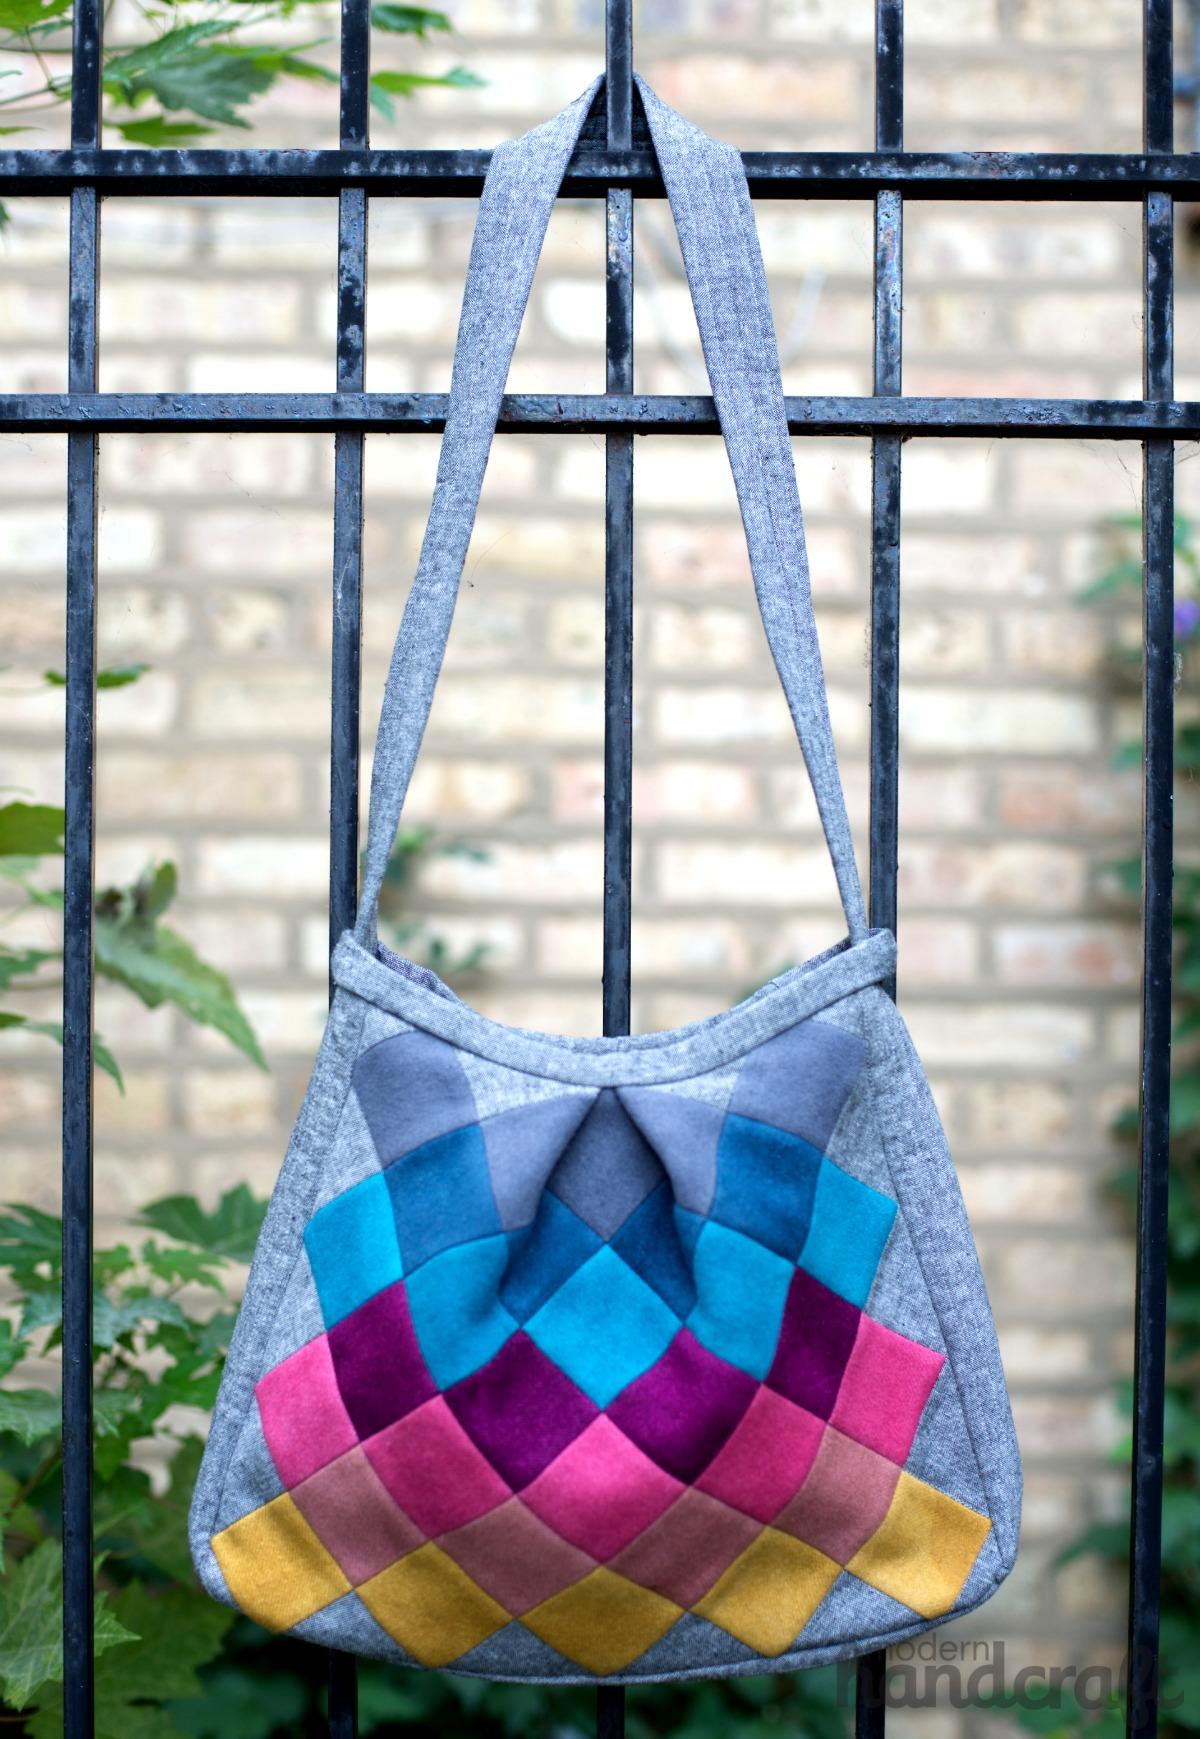 Modern Handcraft // Lucy Hobo Bag